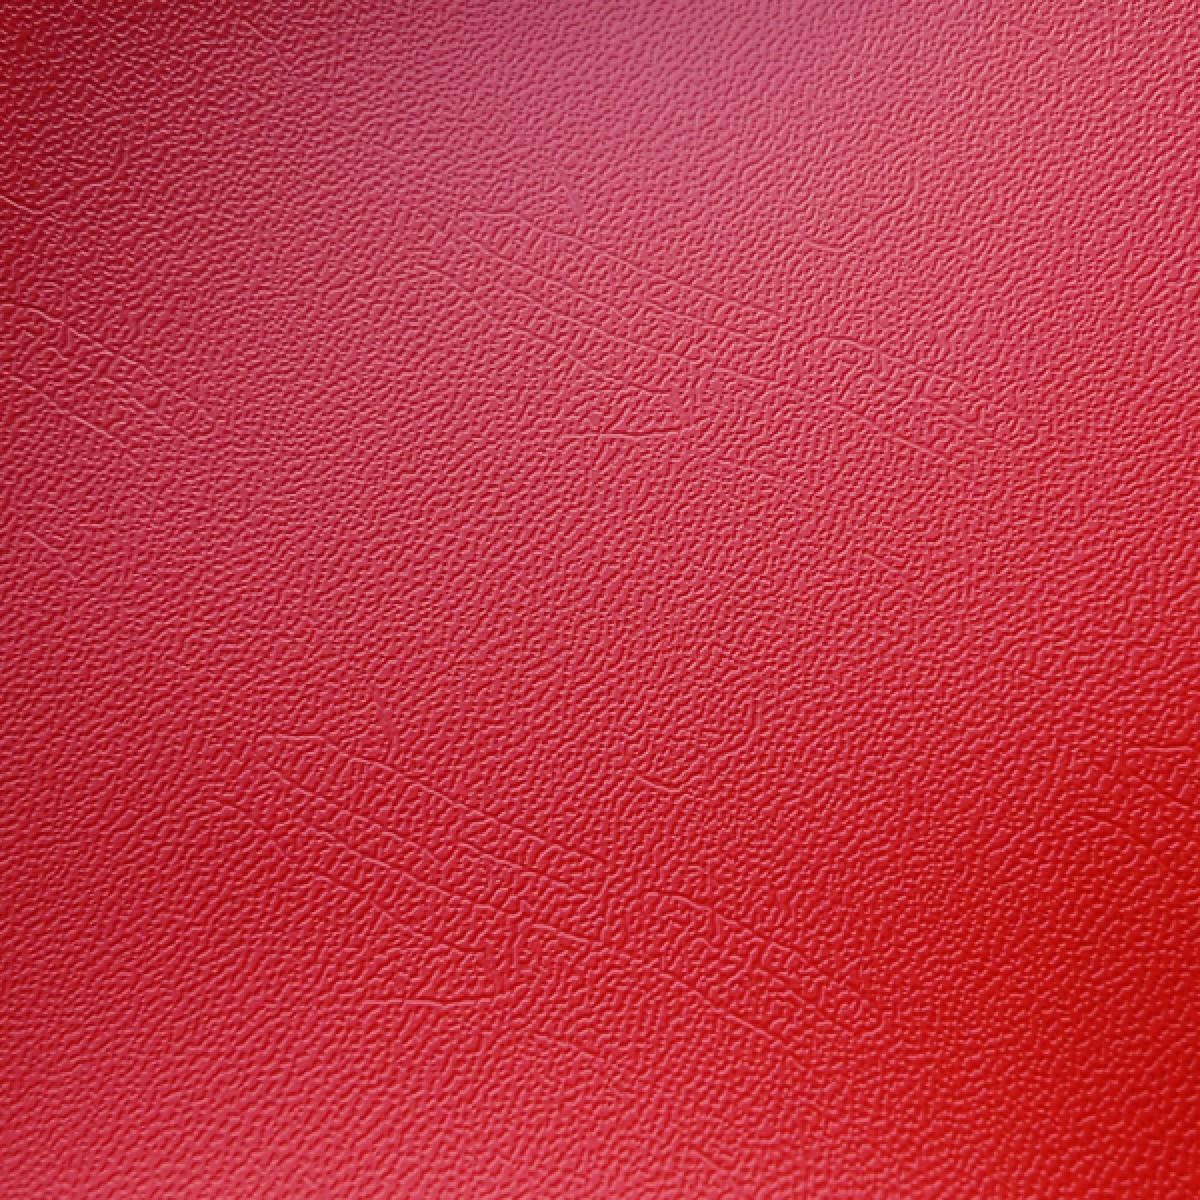 #008 Cherry Red